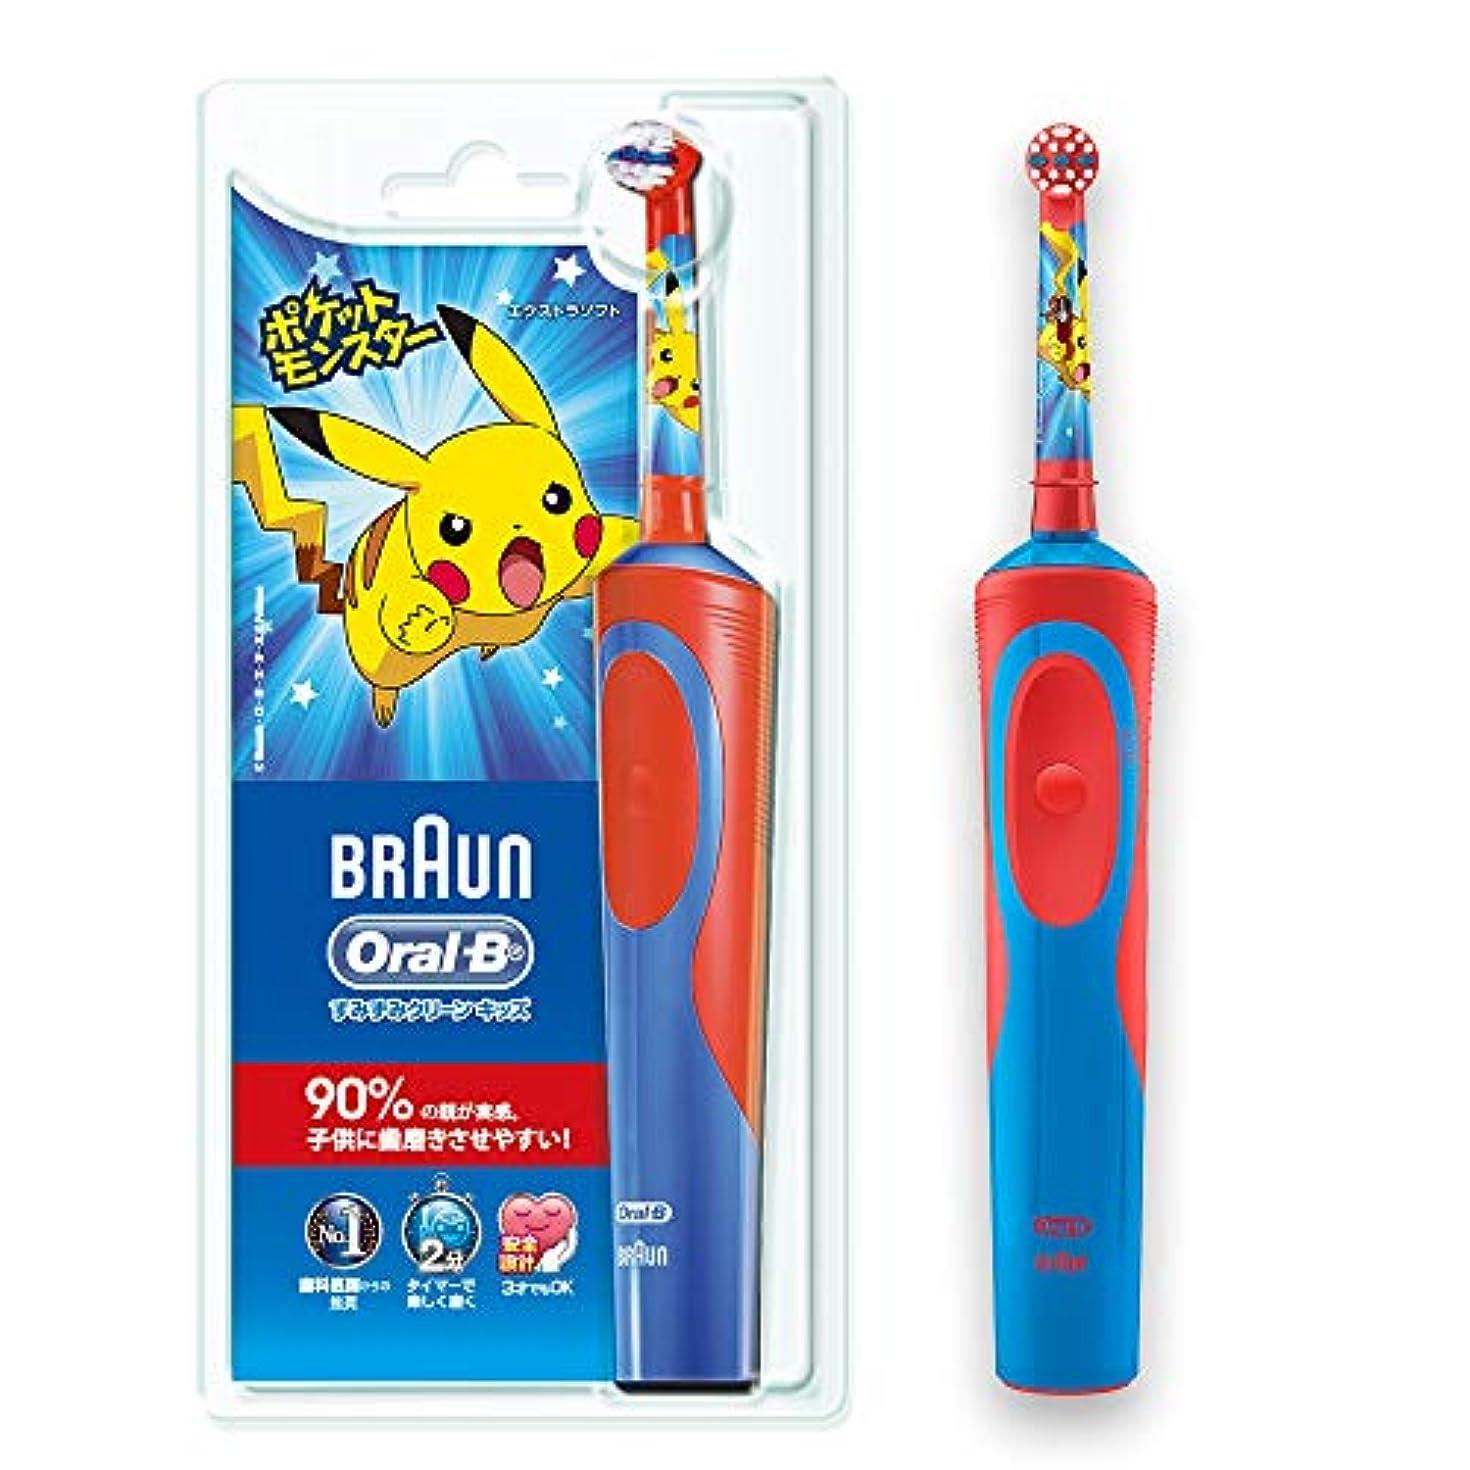 電球ピボットに頼るブラウン オーラルB 電動歯ブラシ 子供用 D12513KPKMB すみずみクリーンキッズ 本体 レッド ポケモン 歯ブラシ